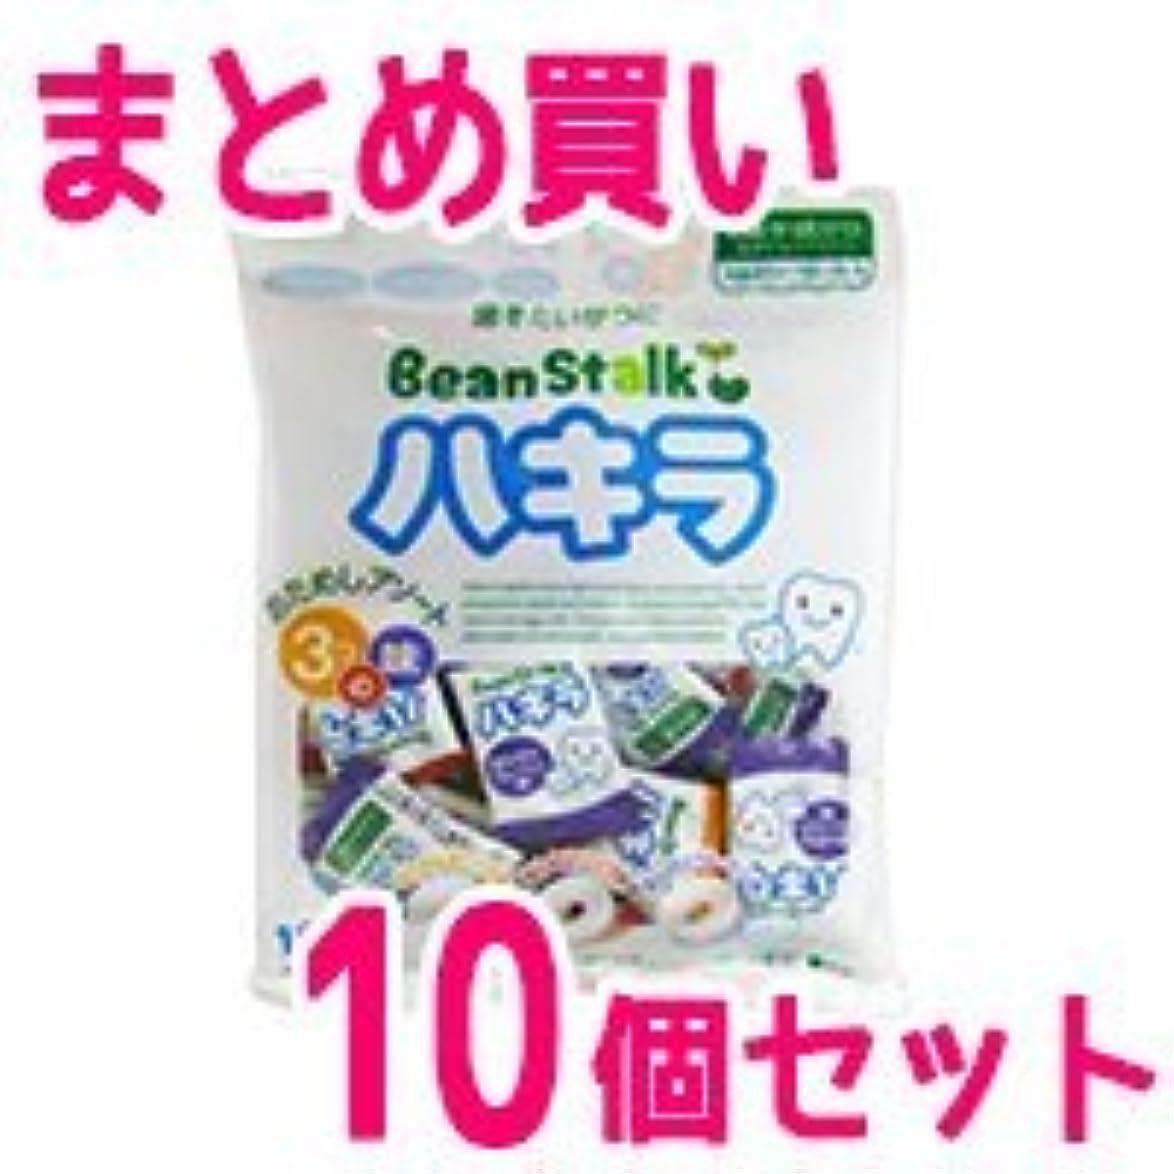 ハドル学習磁石【ビーンスターク】【10個セット】ハキラ おためしアソート3つの味 18g